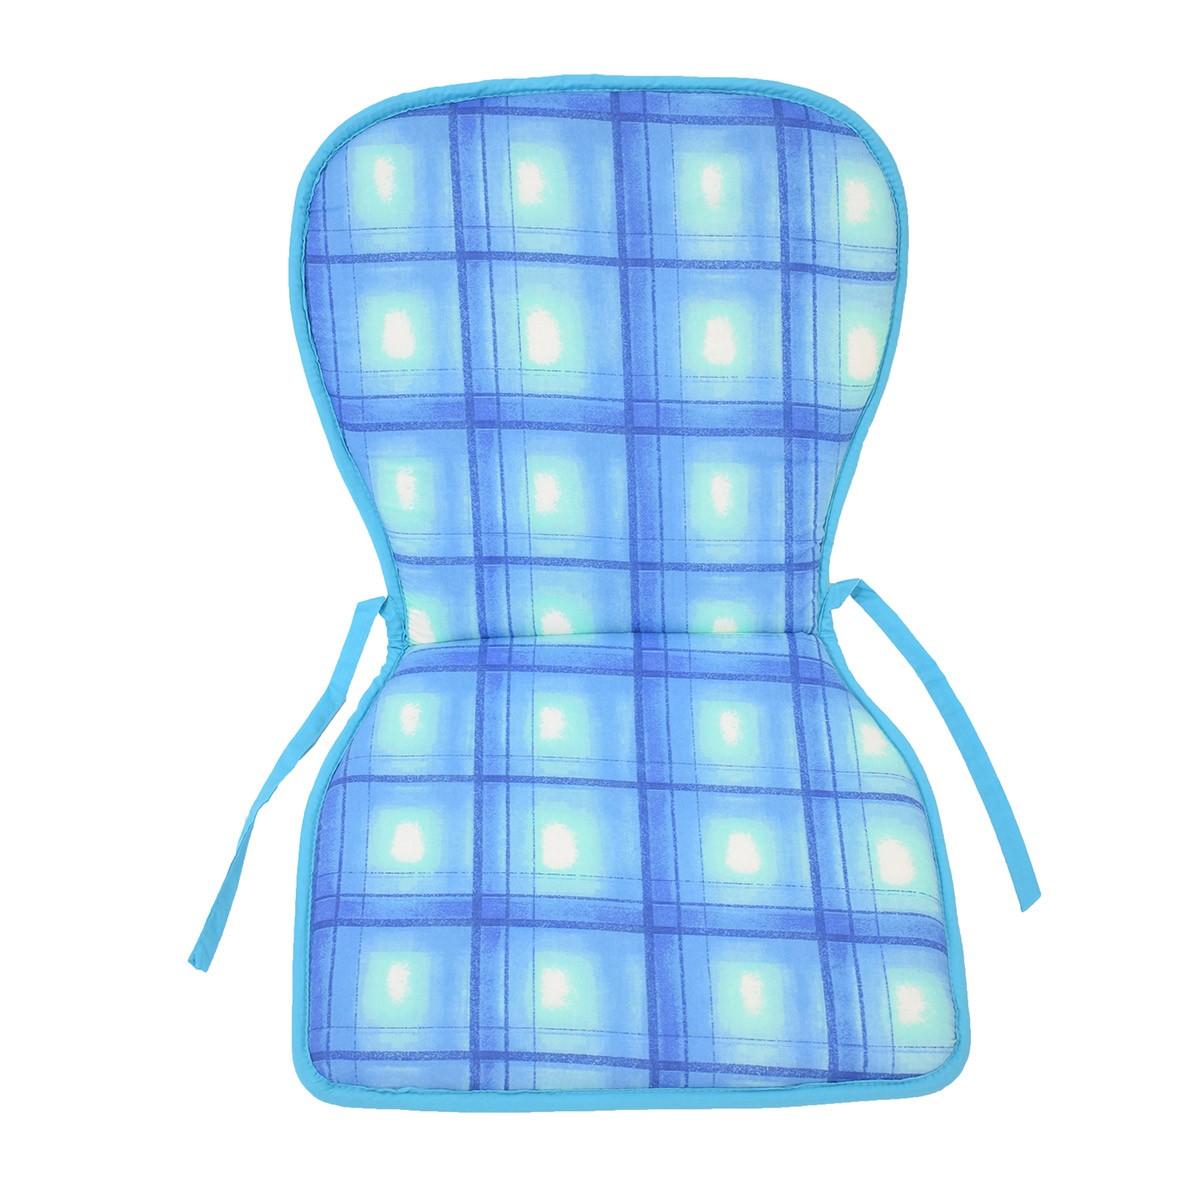 Μαξιλάρι Καρέκλας Κιθάρα 2 Όψεων Fratoni DobleCara Blue 74776